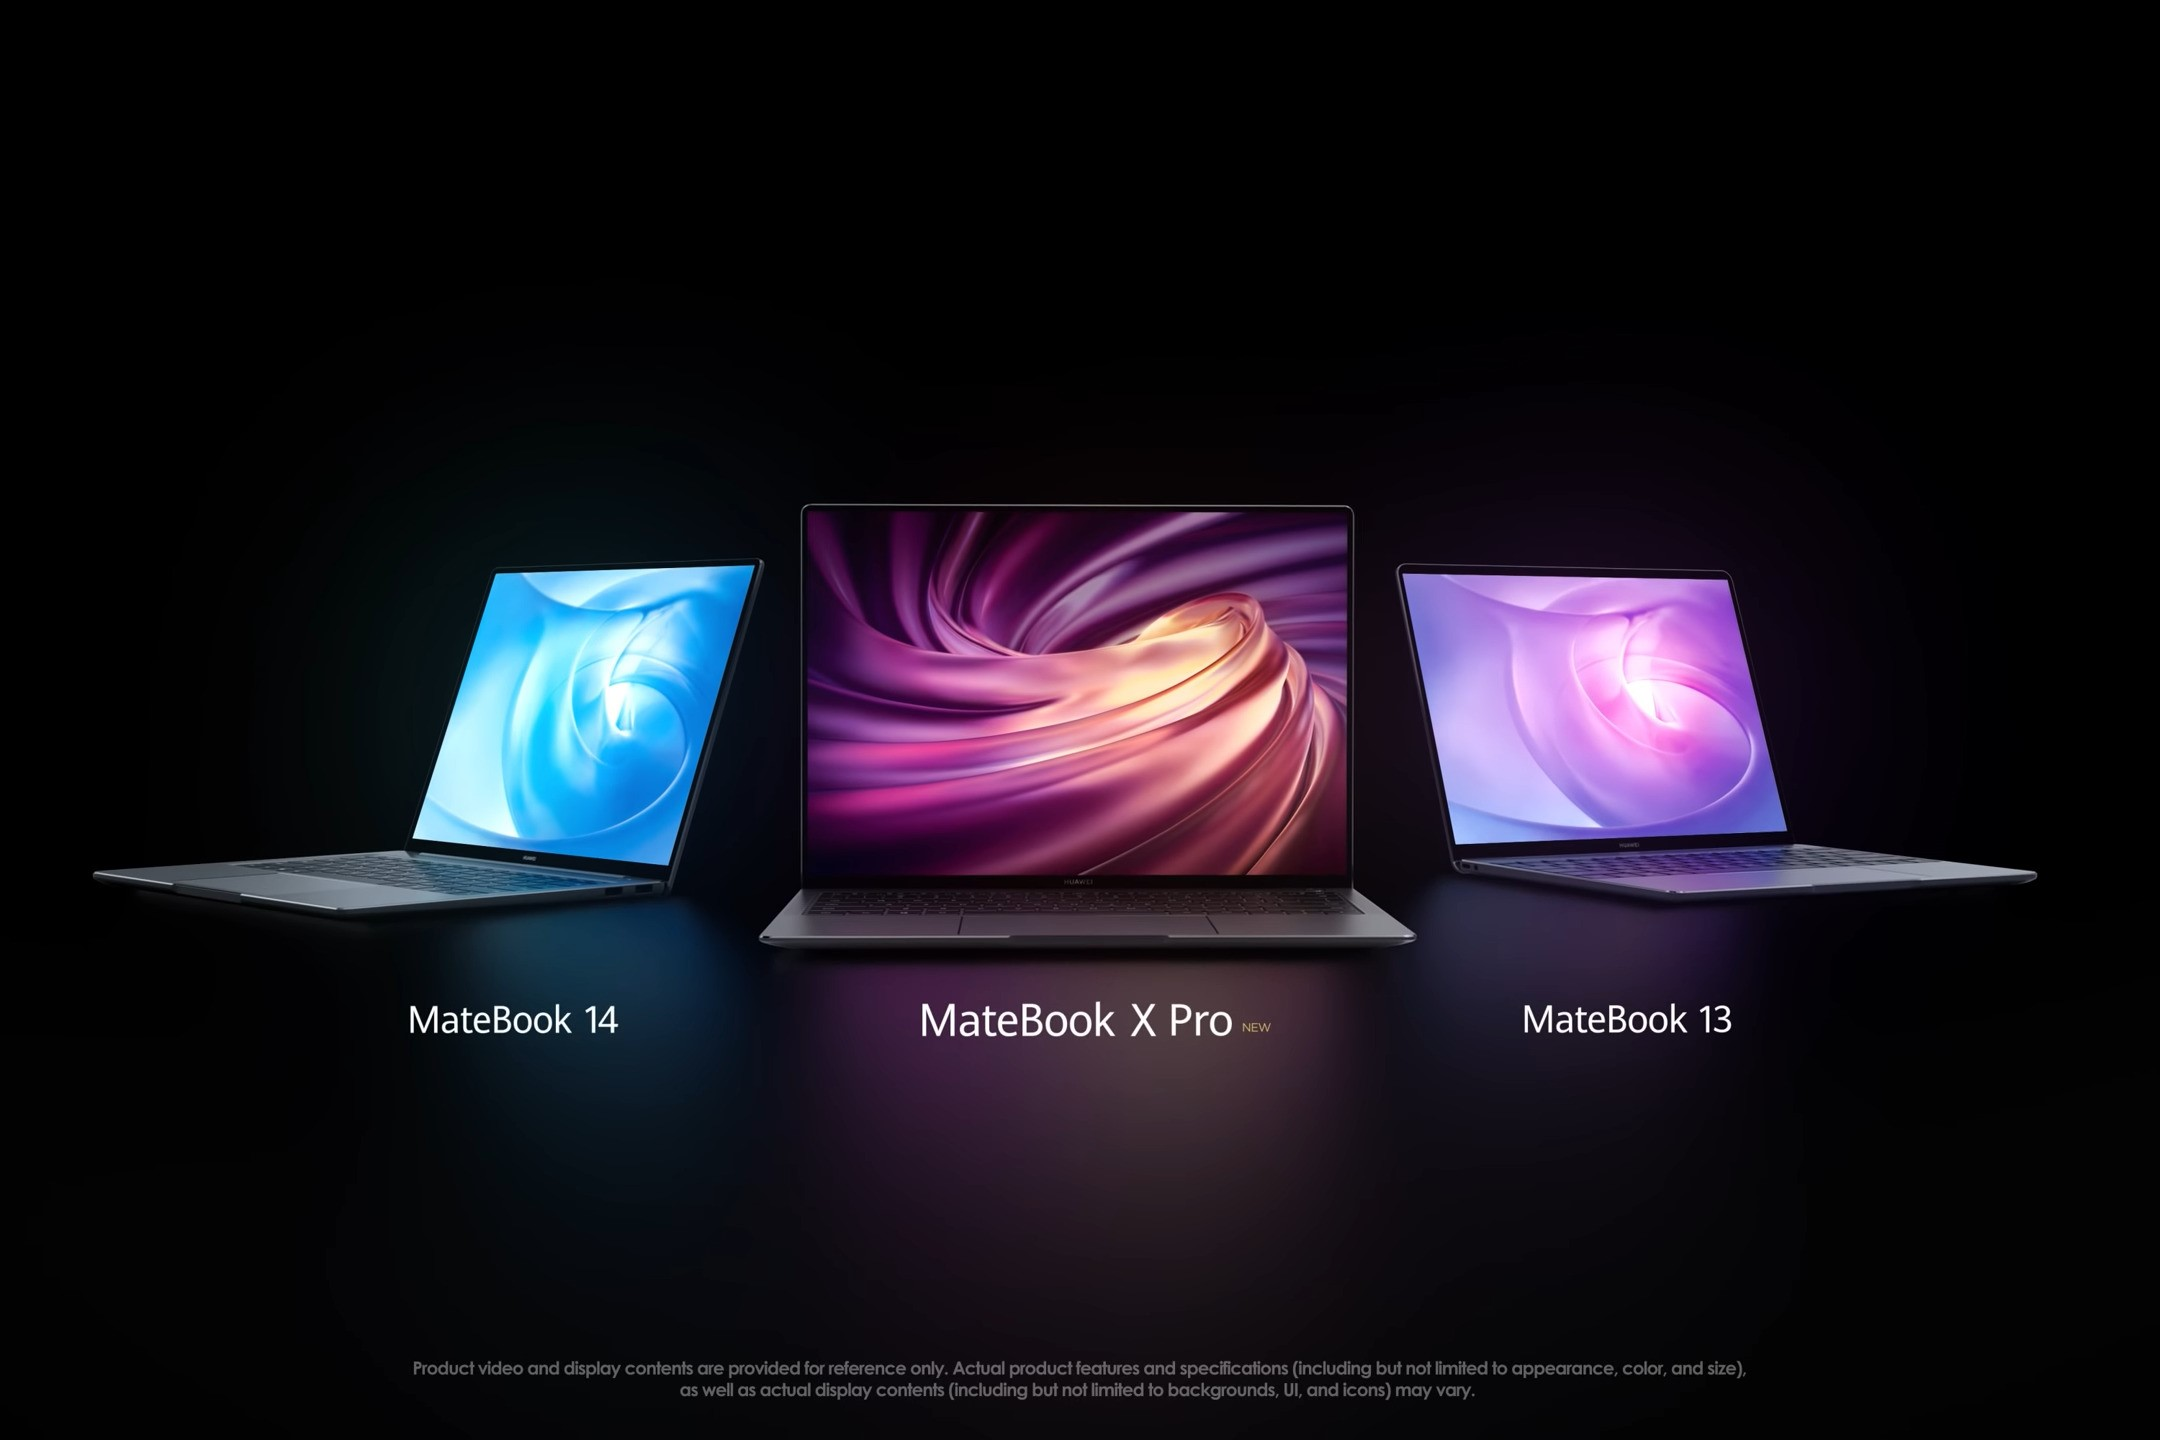 HuaweiMateBookMateBookMateBook-13MatebBook-14MateBook-X-Pro-X-Pro-2019technische-DatenMWC2019VergleichUnterschiedeGemeinsamkeitenKaufberatungDatenblattMobile-World-CongressBarcelona.jpg